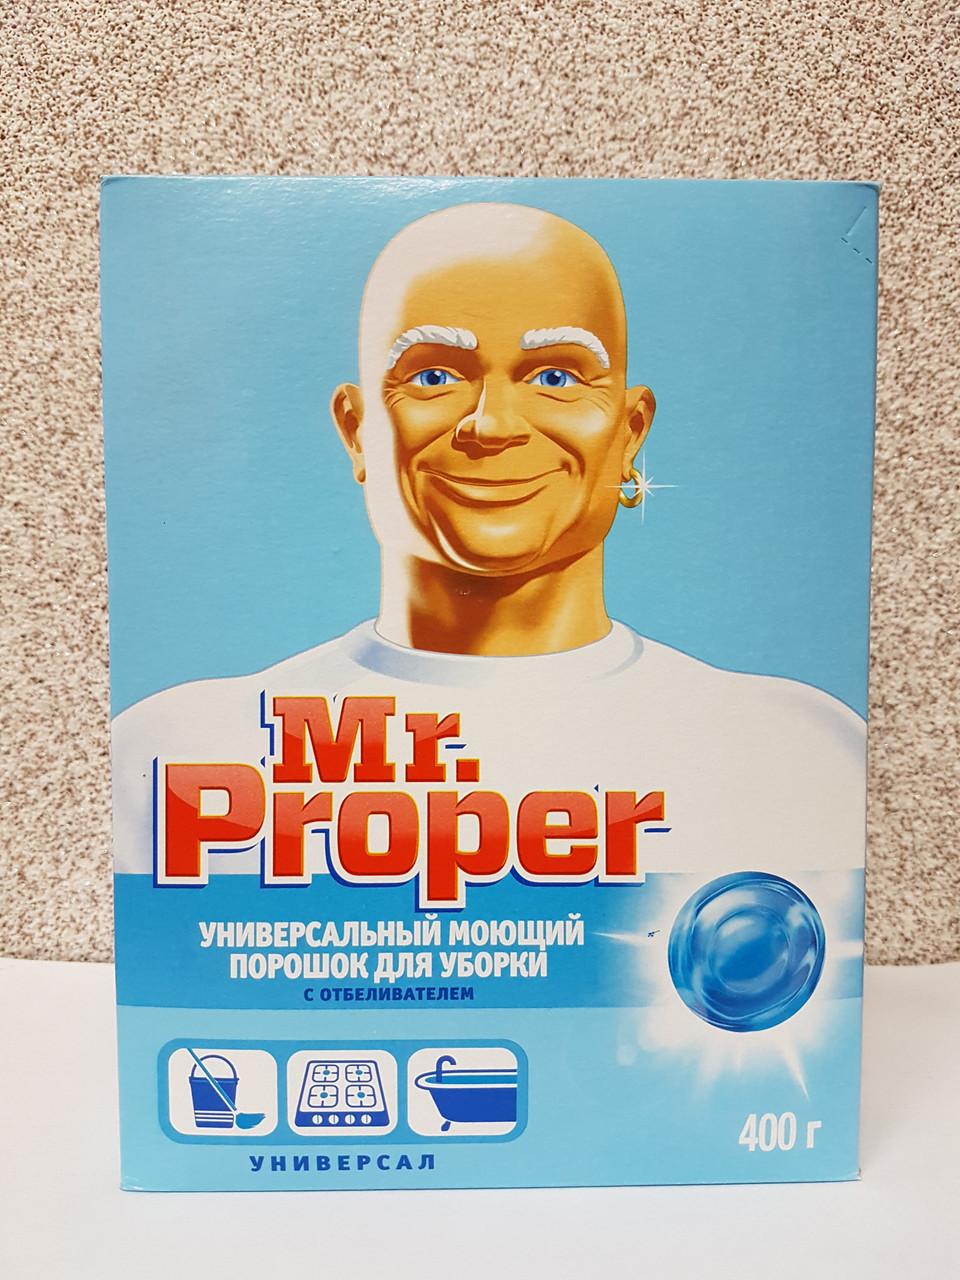 Порошок для пола Мистер Пропер с отбеливателем